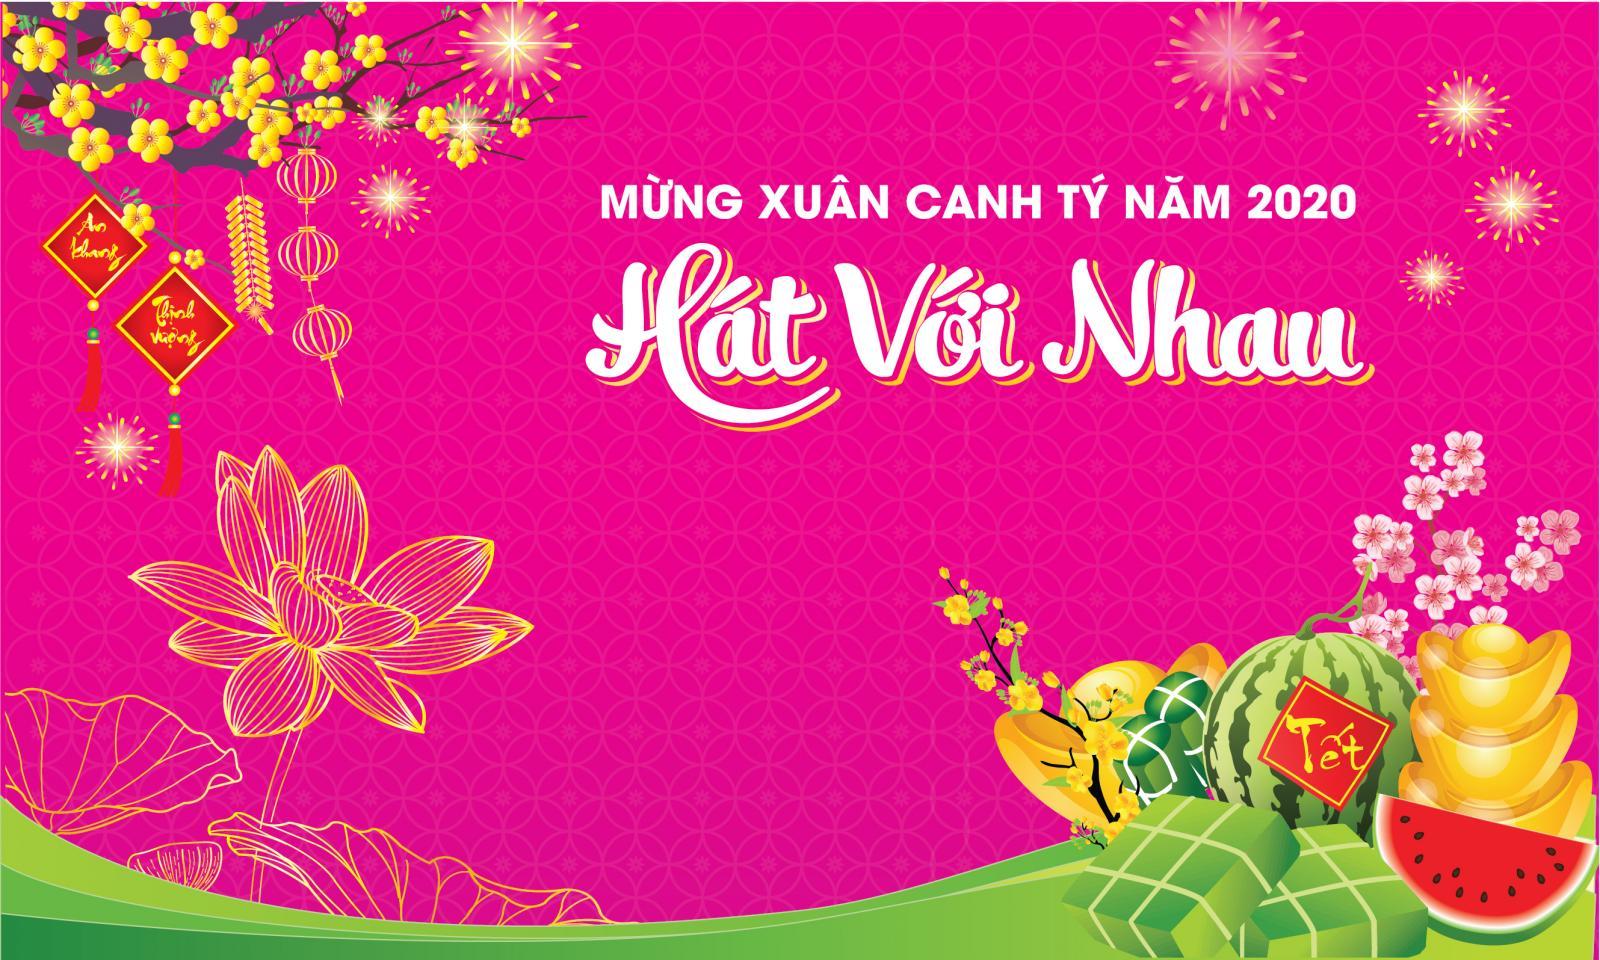 Thông báo tổ chức hoạt động mừng Đảng - mừng Xuân Canh Tý năm 2020 tại Khu Di tích Nguyễn Sinh Sắc